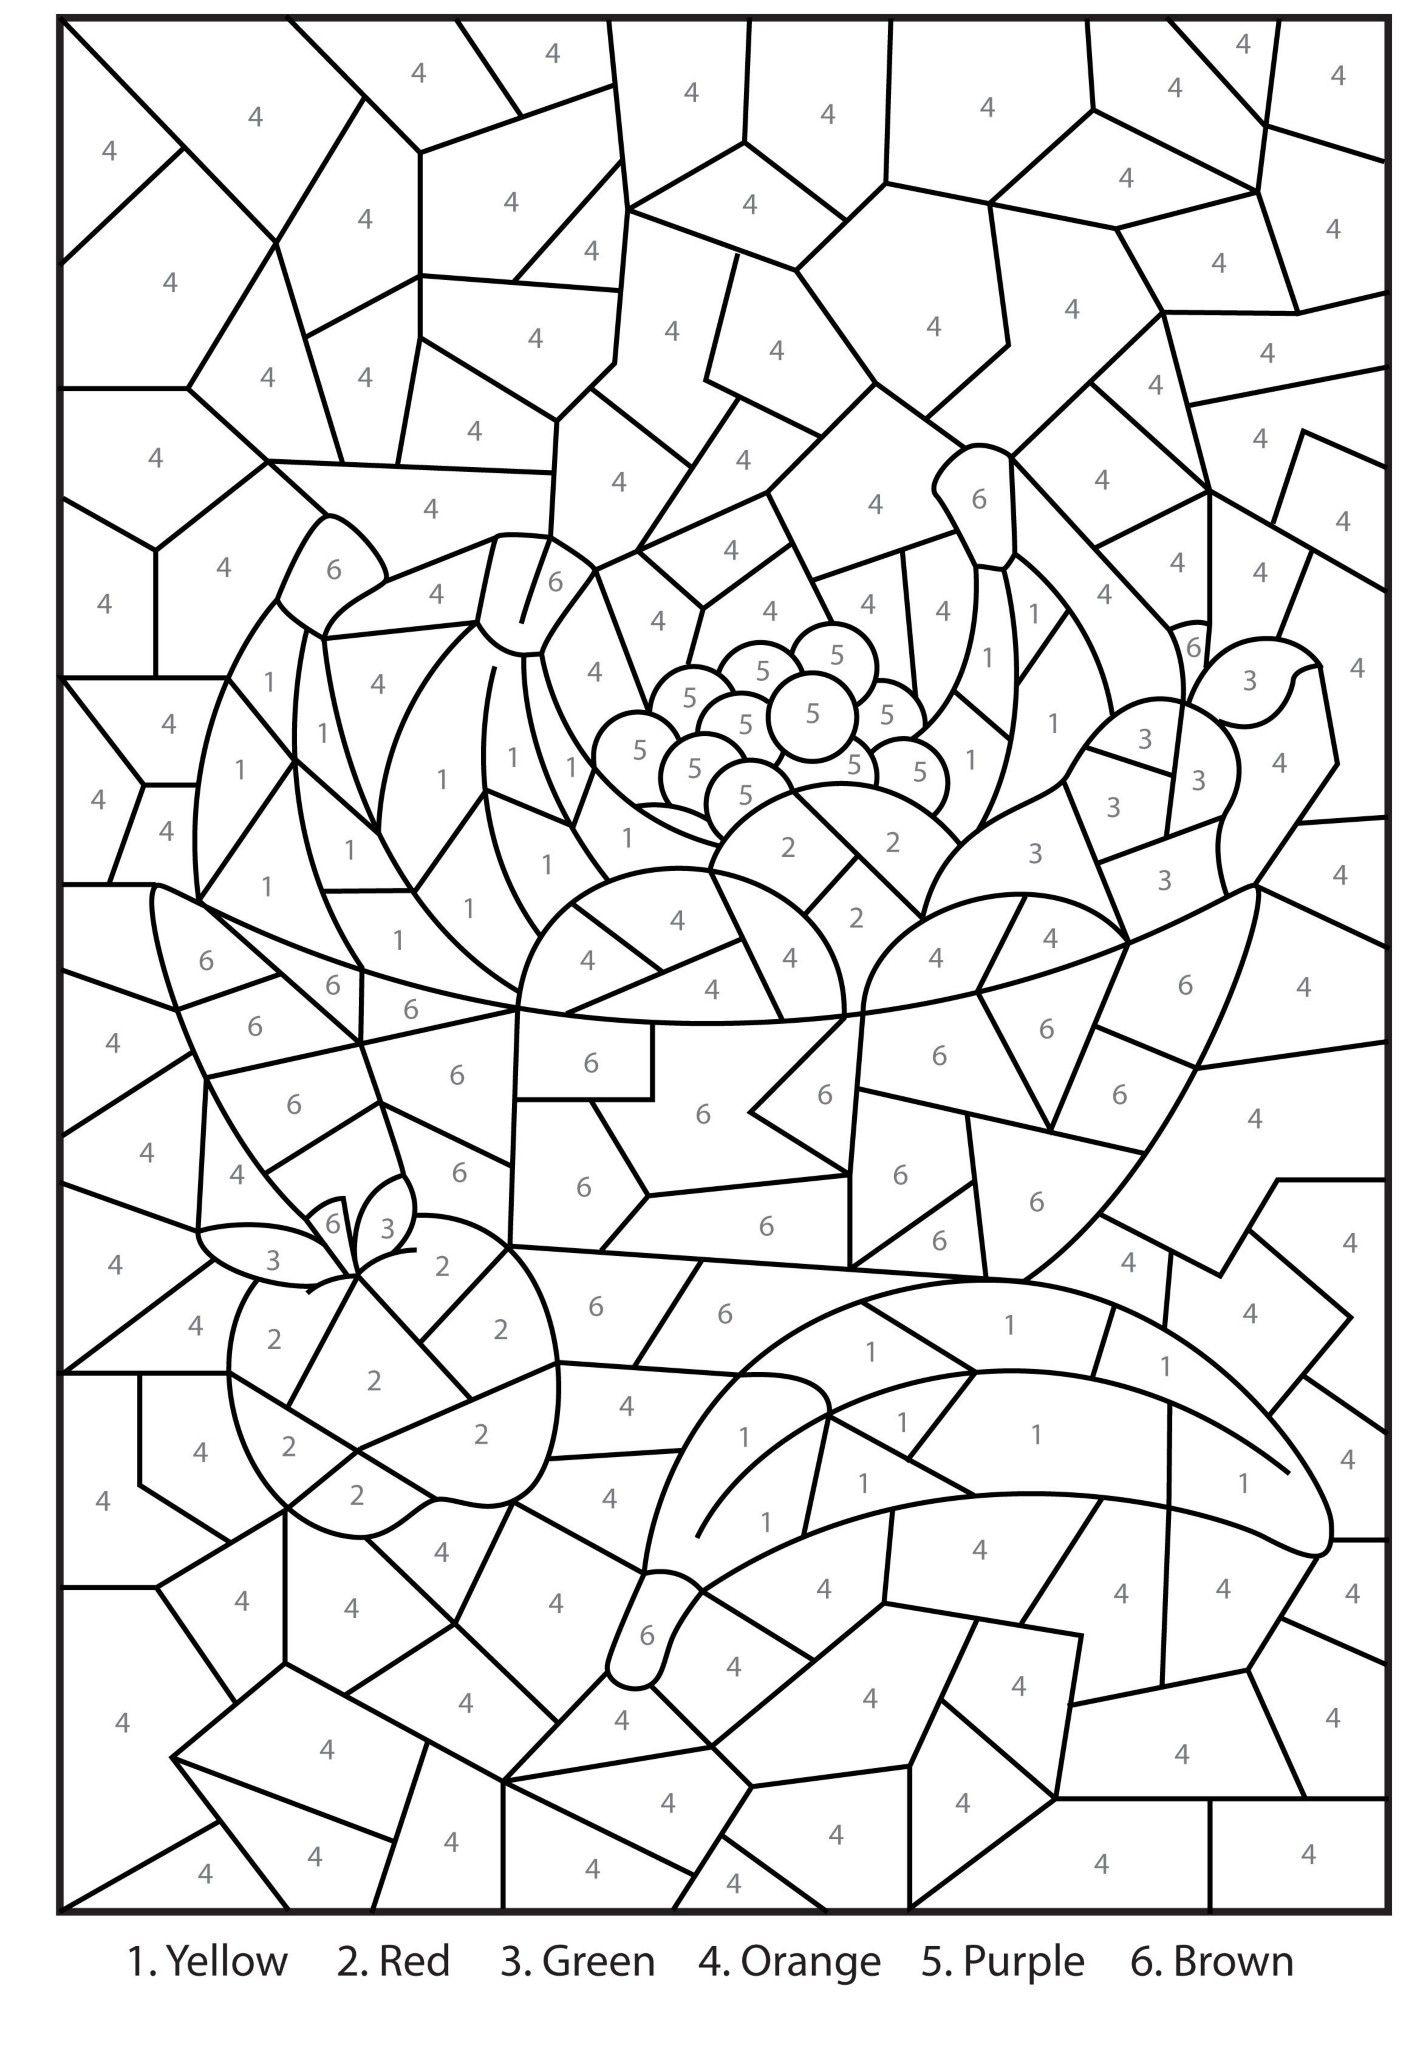 Pin By Jadwiga Gorzala On Kolorowanka In 2020 Math Coloring Worksheets Coloring Books Math Coloring